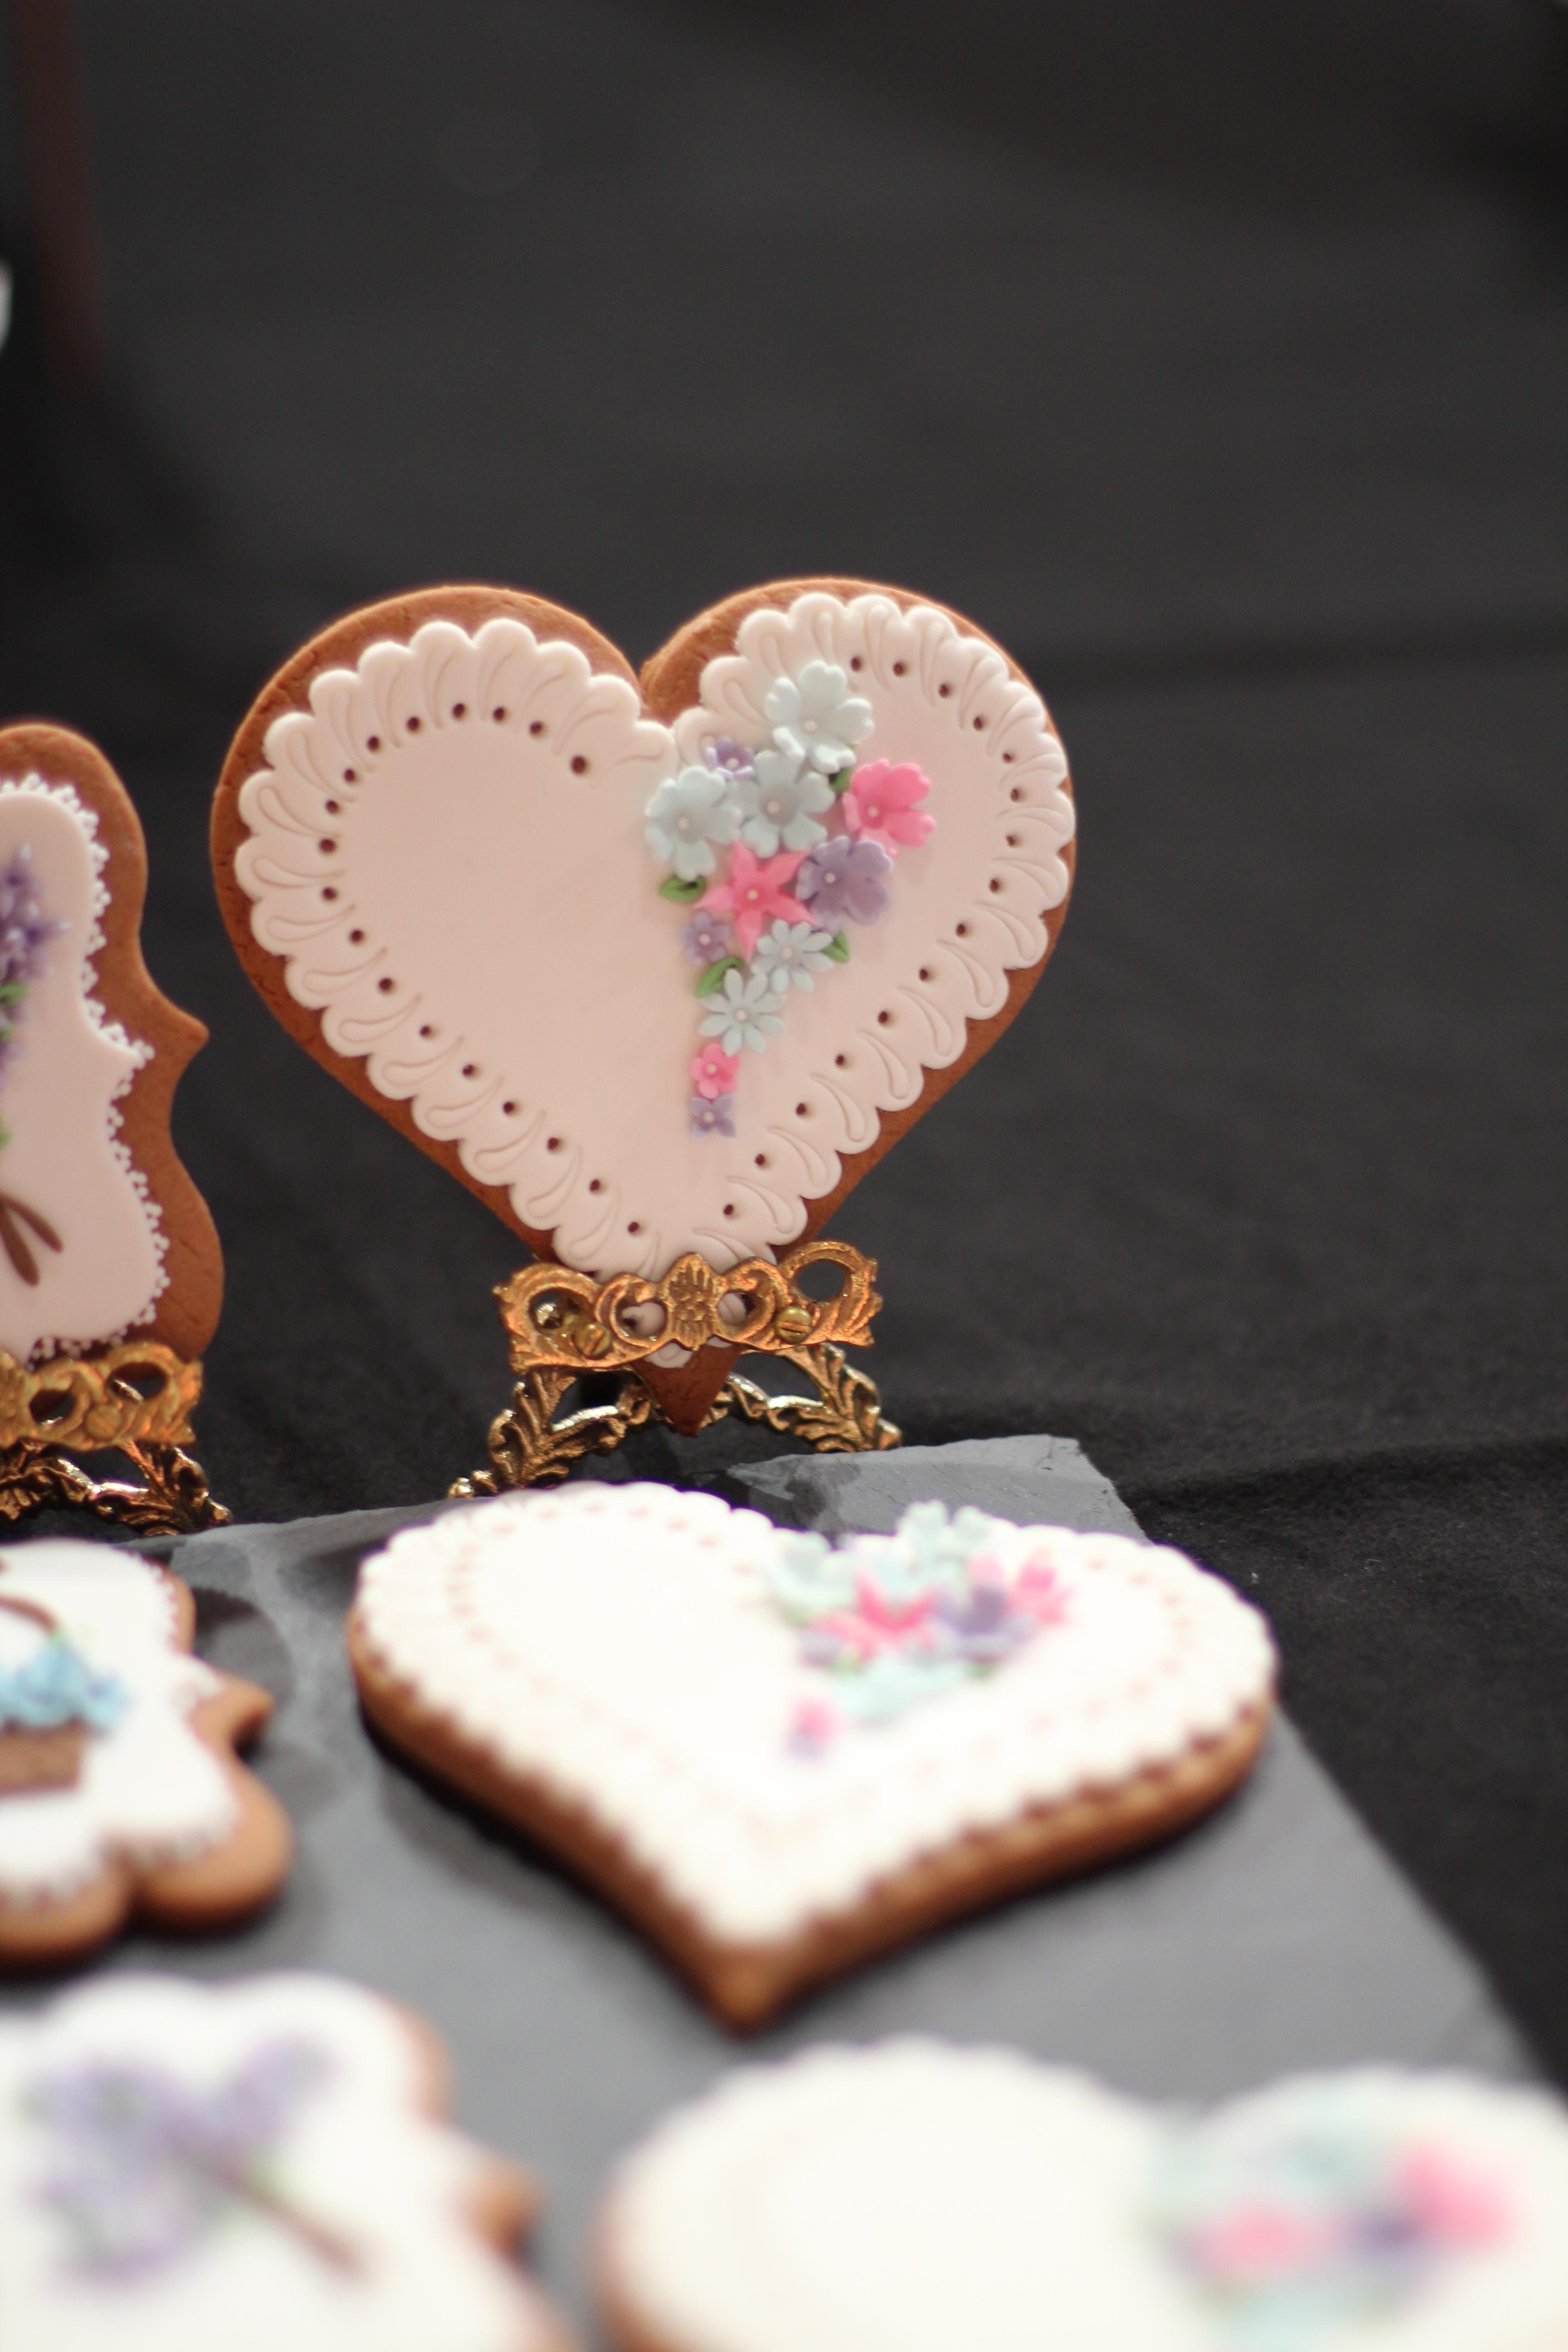 amor corazn comida rosado horneando postre pastel cuerpo humano formacin de hielo organo dulzura productos horneados